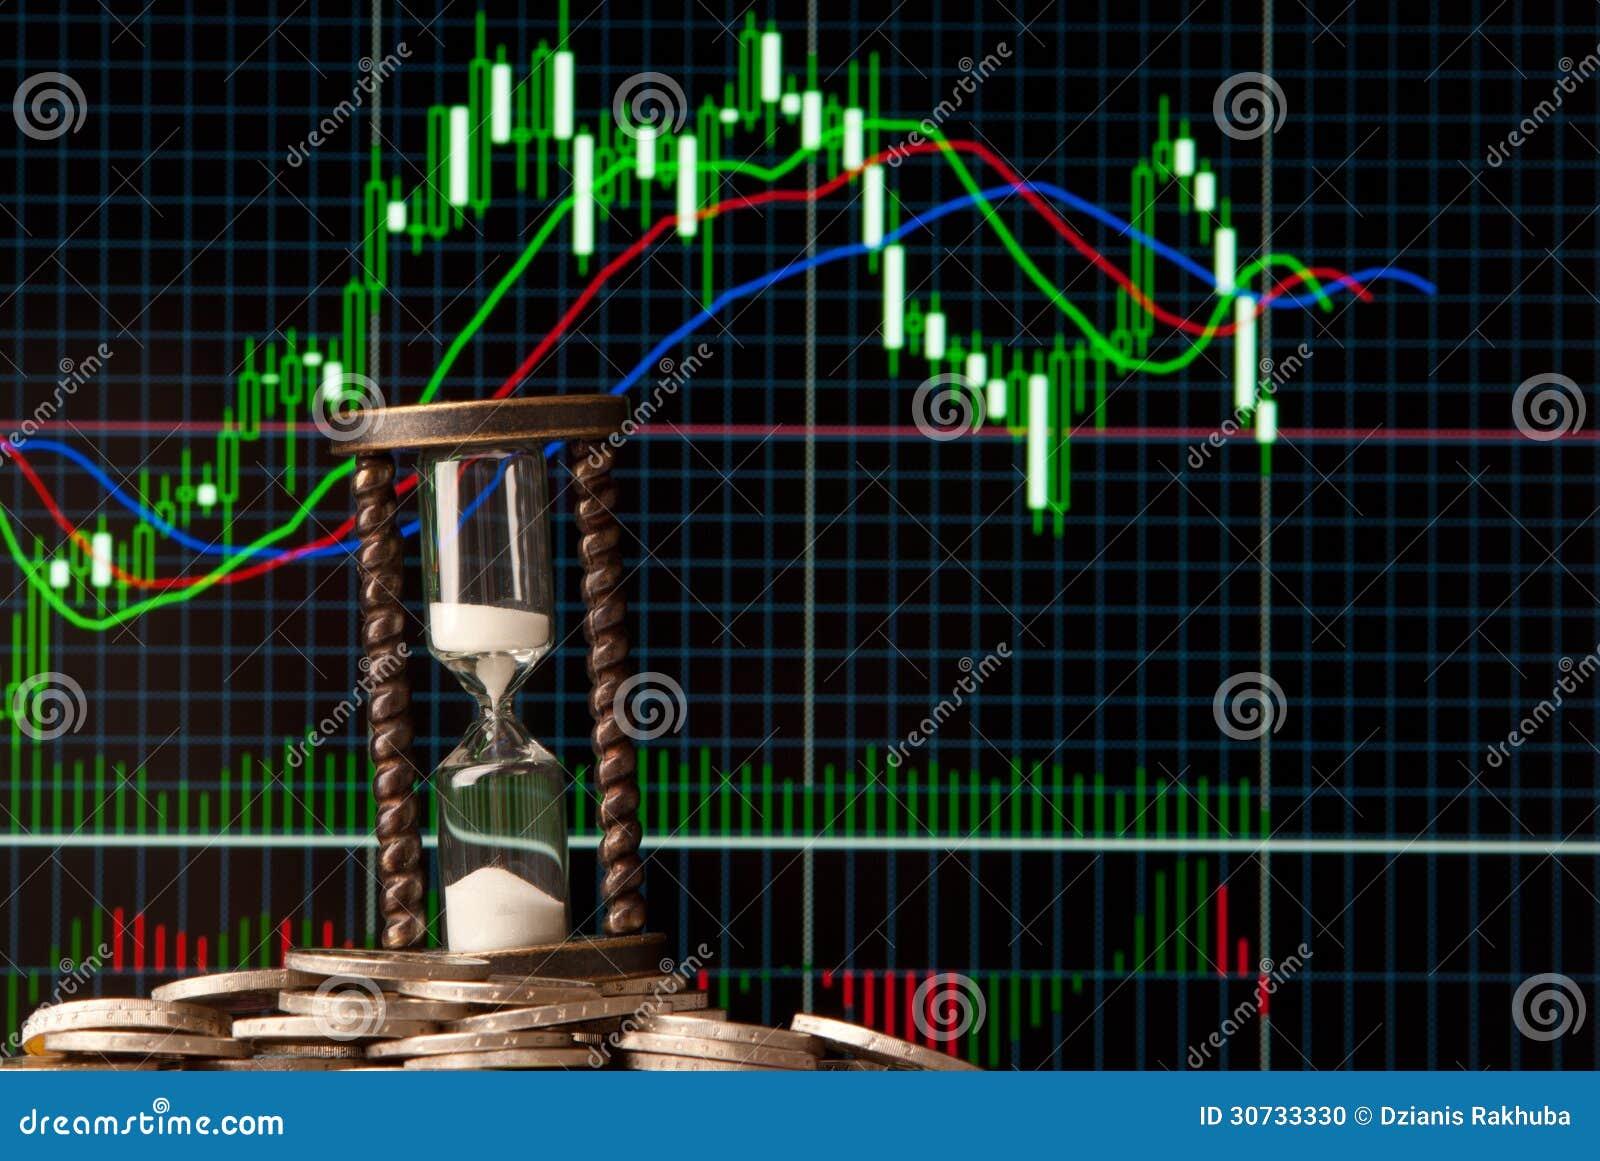 European forex market opening time